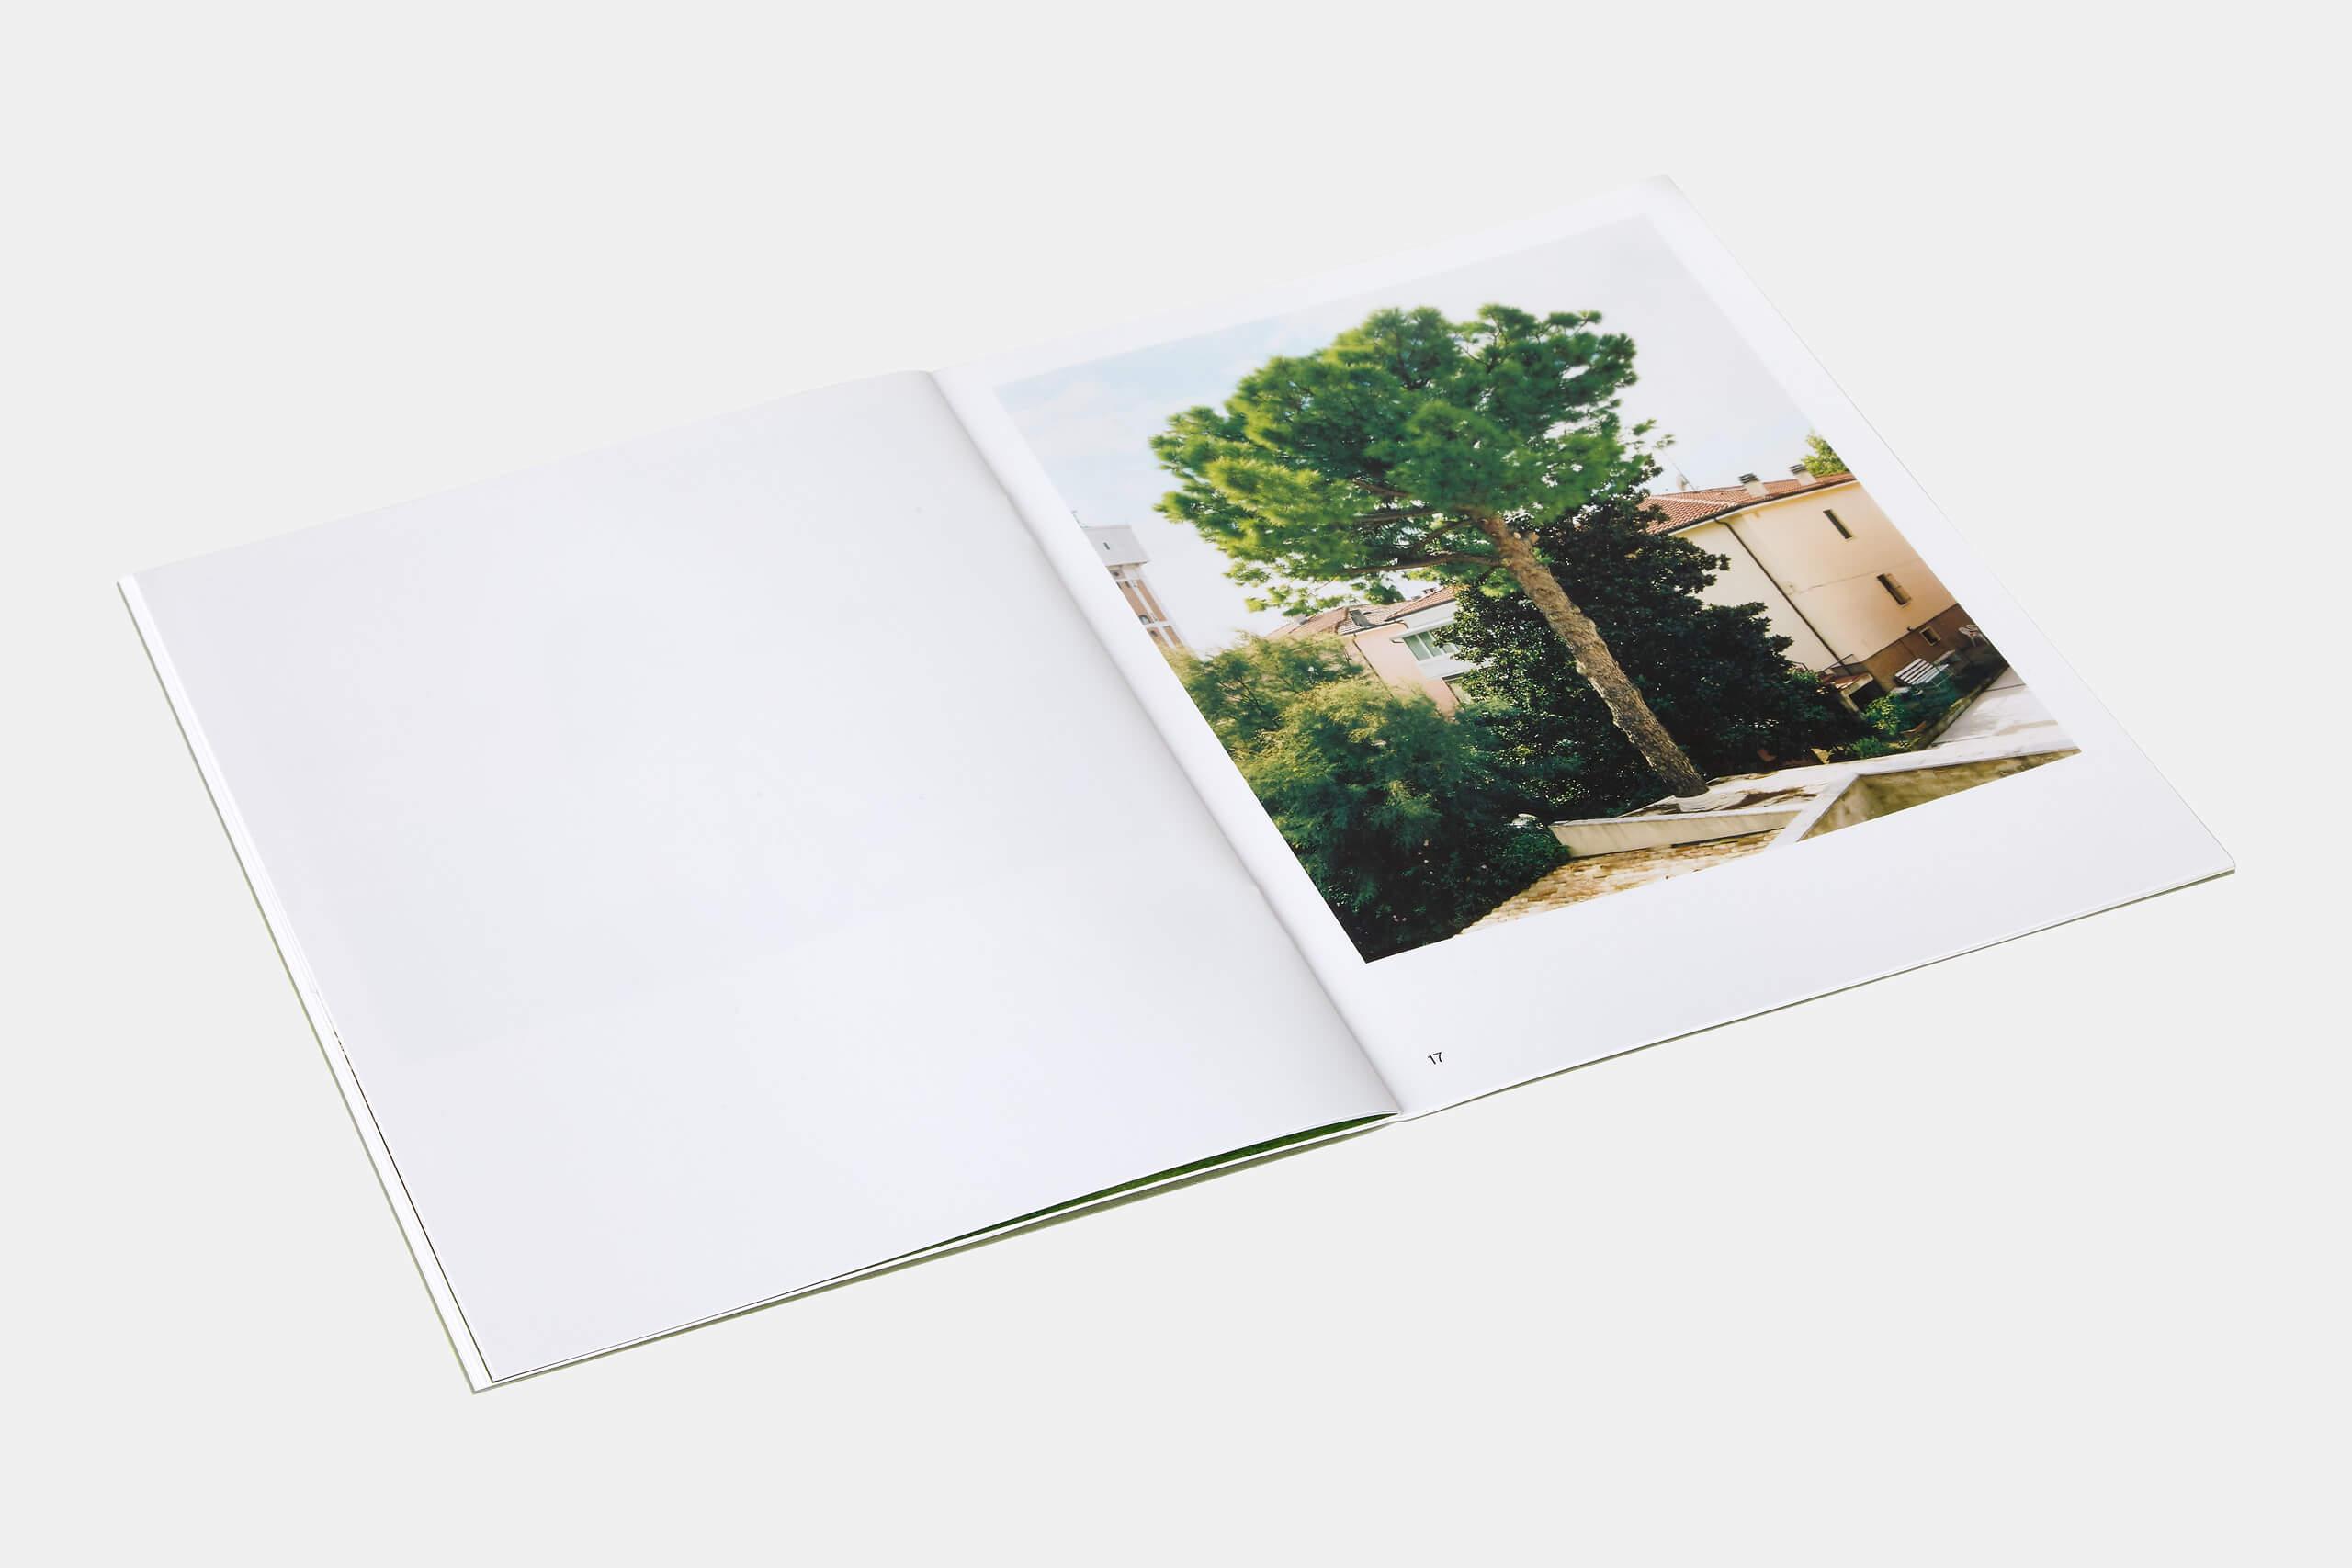 Federico_Covre_Parendo_Alla_Mente_Book_Osservatorio_Fotografico_2014_12